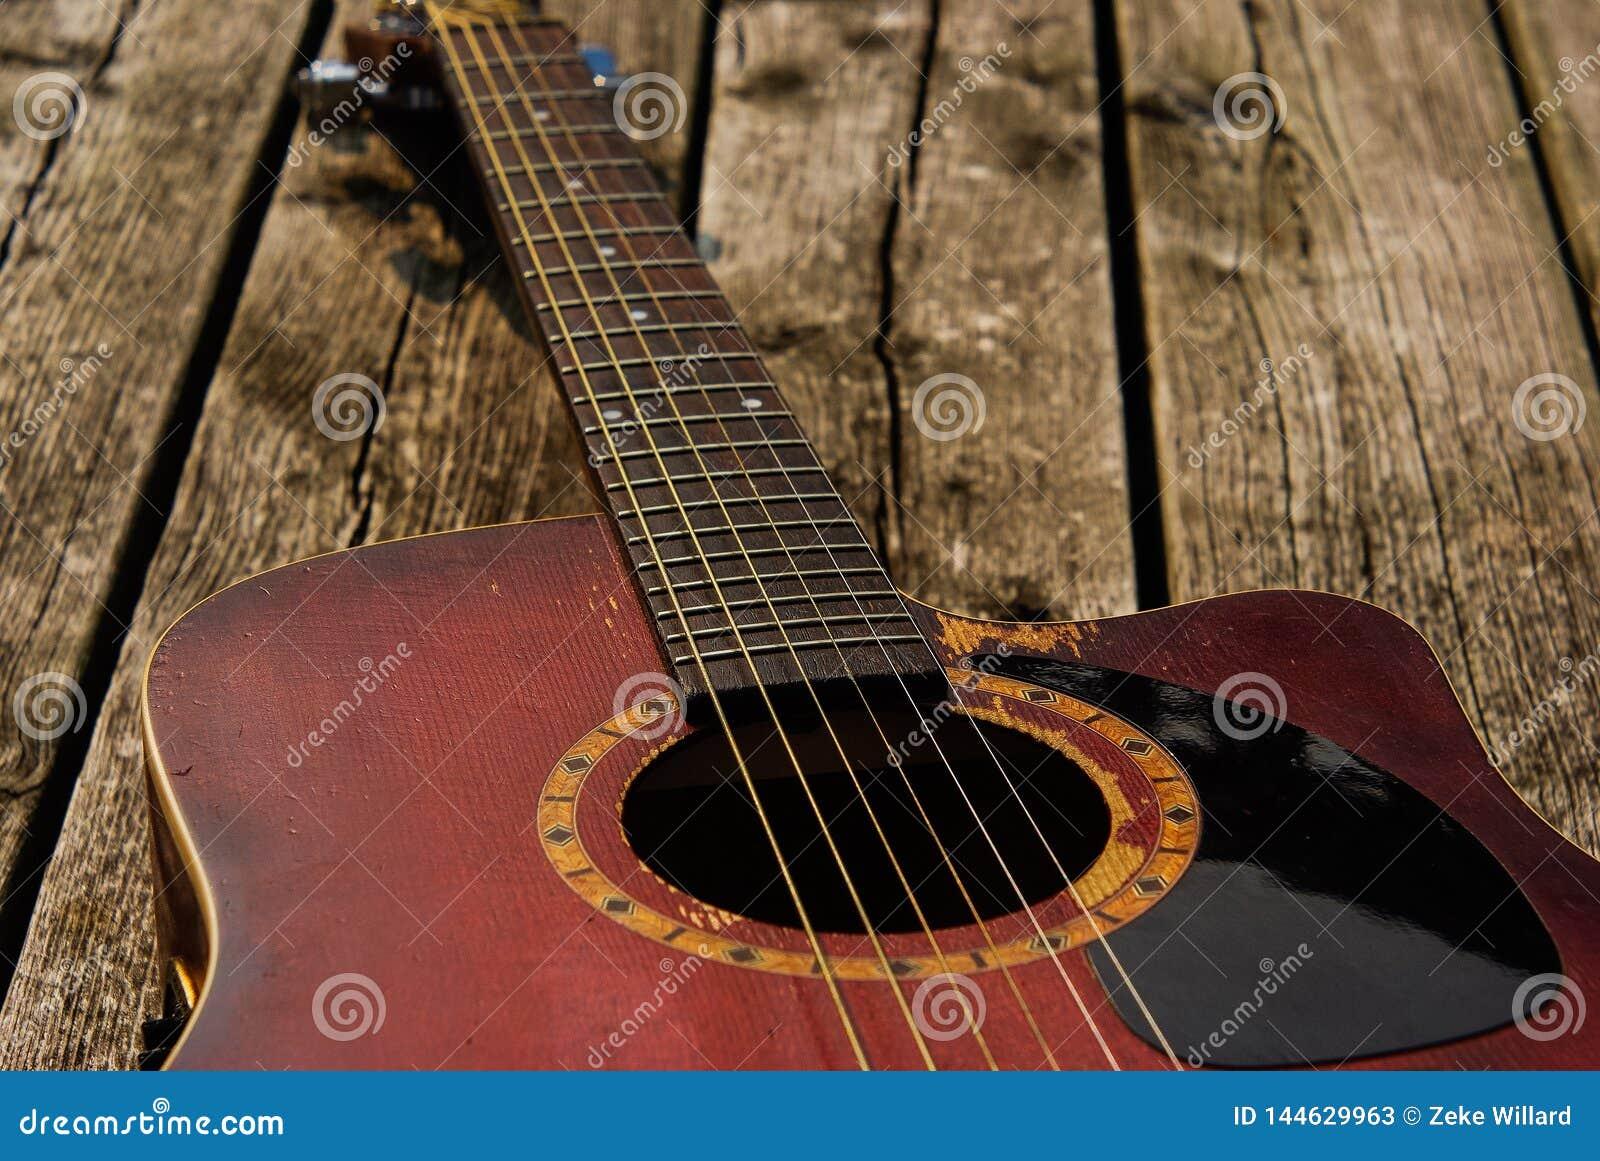 Picchii selvaggiamente la chitarra acustica rossa